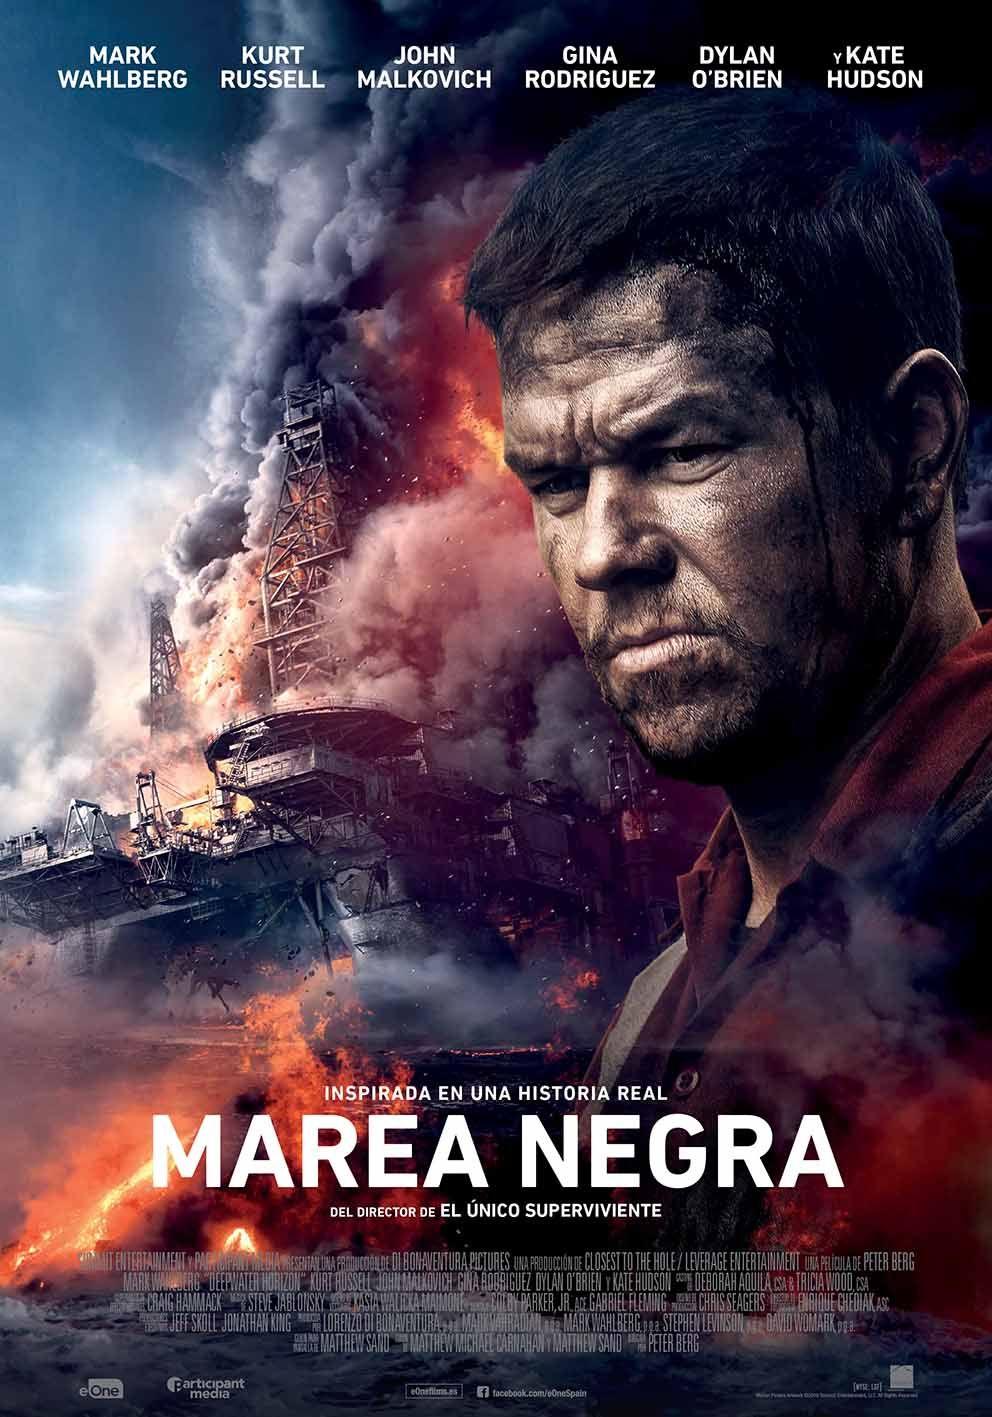 Crítica De Mareanegra Cine Markwolberg Peliculas En Cartelera Horizonte Profundo Marea Negra